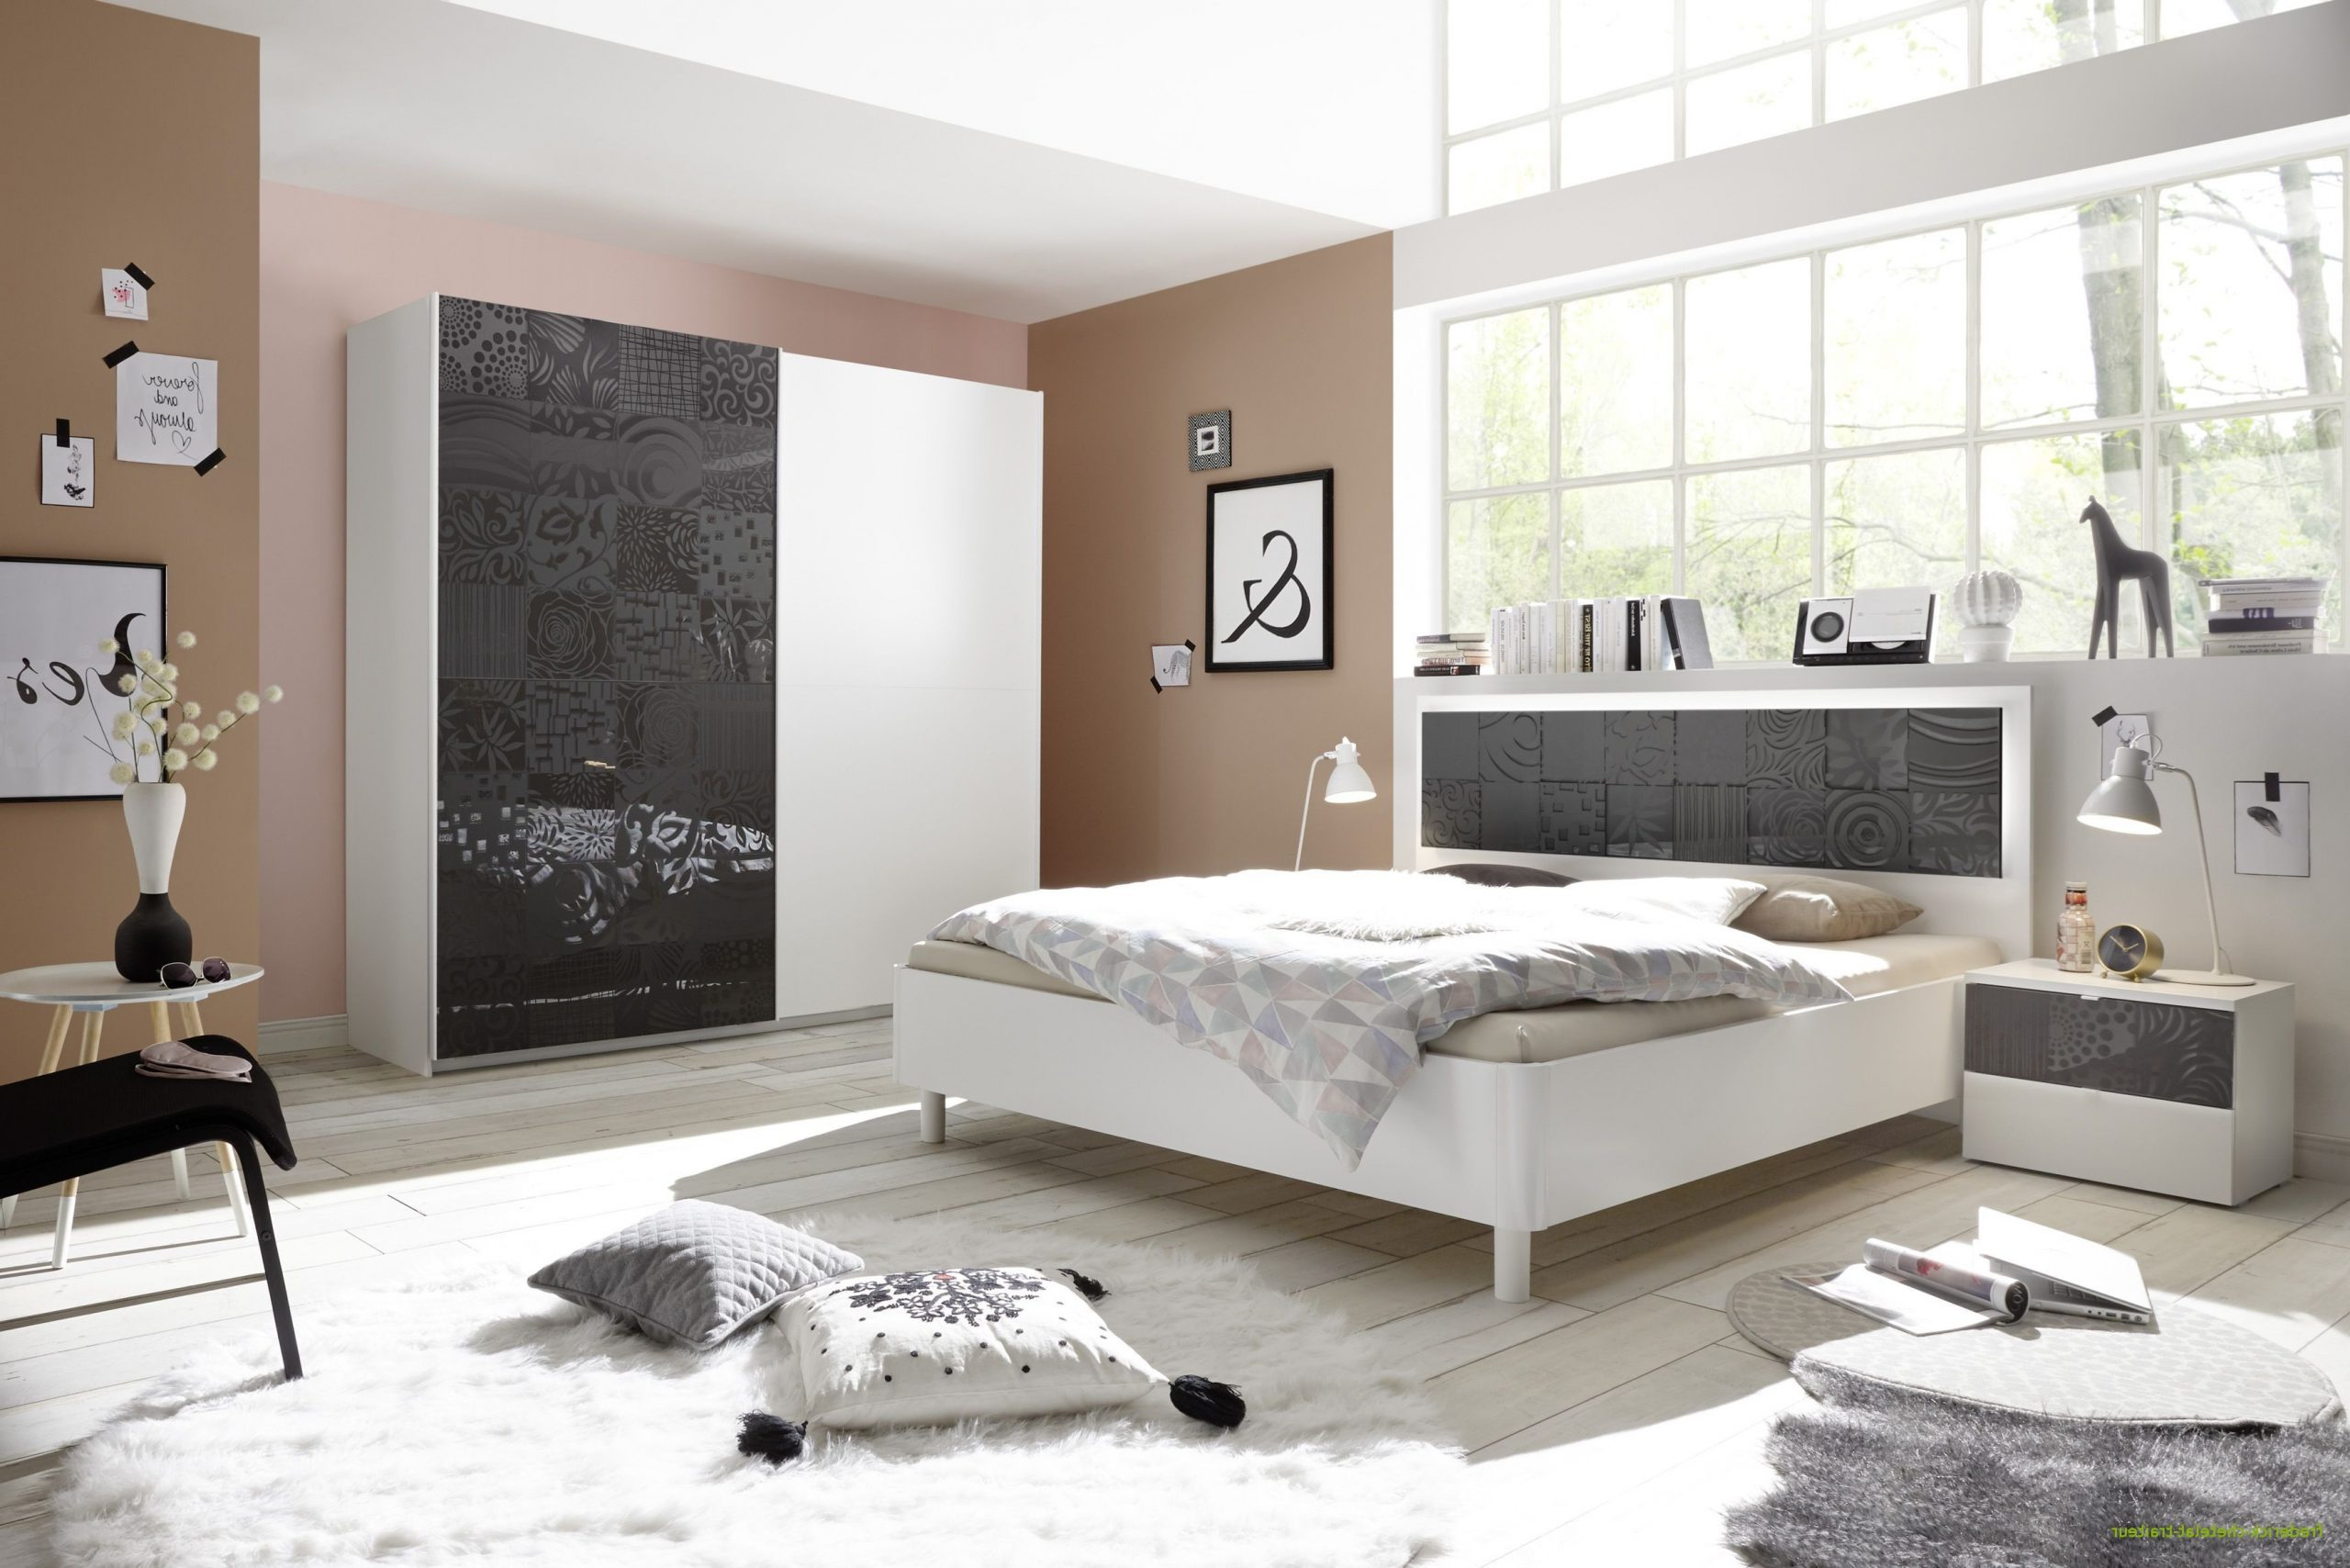 Full Size of Schlafzimmer Komplett Günstig Ban 43 Kleiderschrank Gnstig Wei Der Beste Mbelfhrer Bett 140x200 Esstisch Set Küche Kaufen Regale Lampen Rauch Günstige Schlafzimmer Schlafzimmer Komplett Günstig